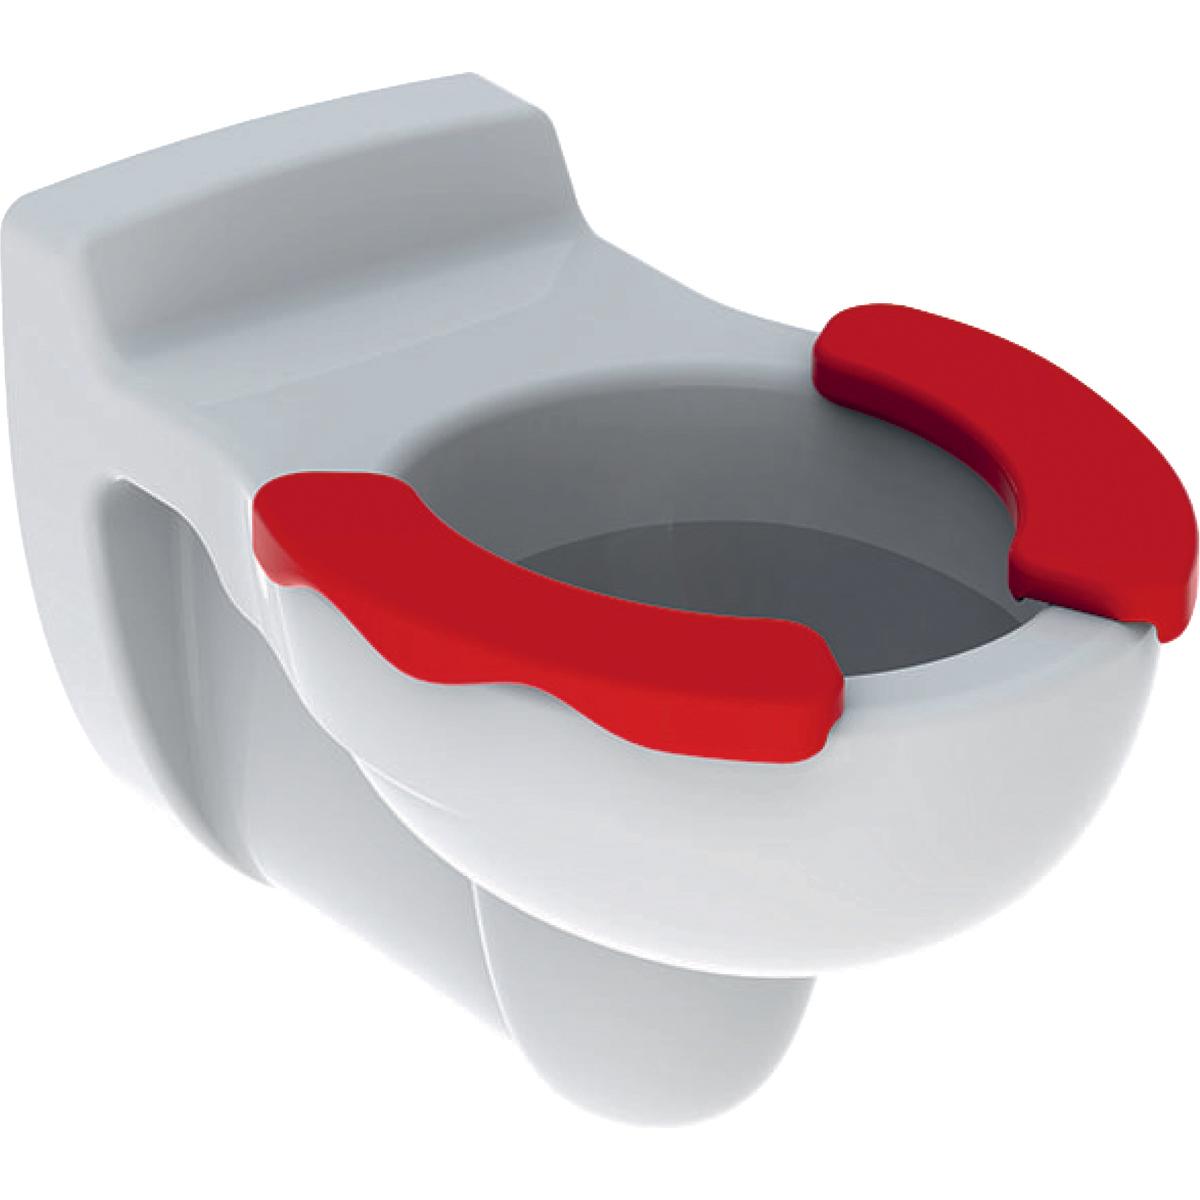 Geberit Bambini Унитаз подвесной для детей 6л, горизонтальный выпуск, накладка для сиденья красная